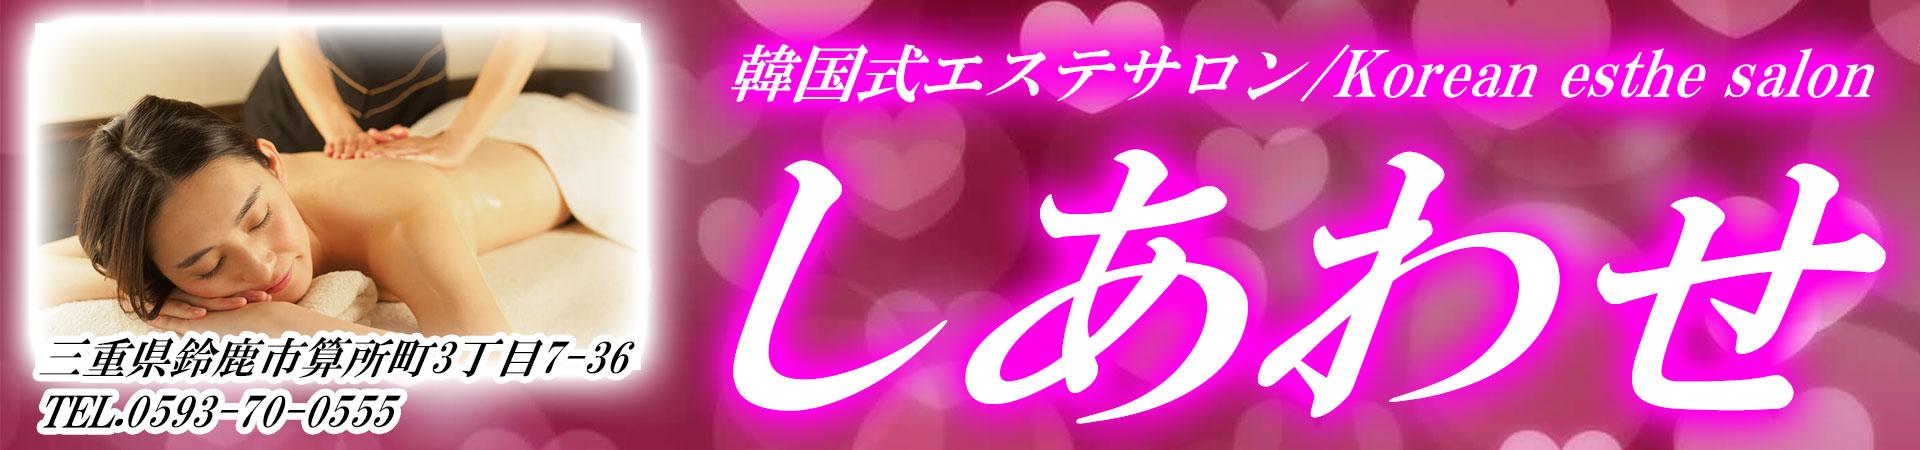 【しあわせ】鈴鹿/三重